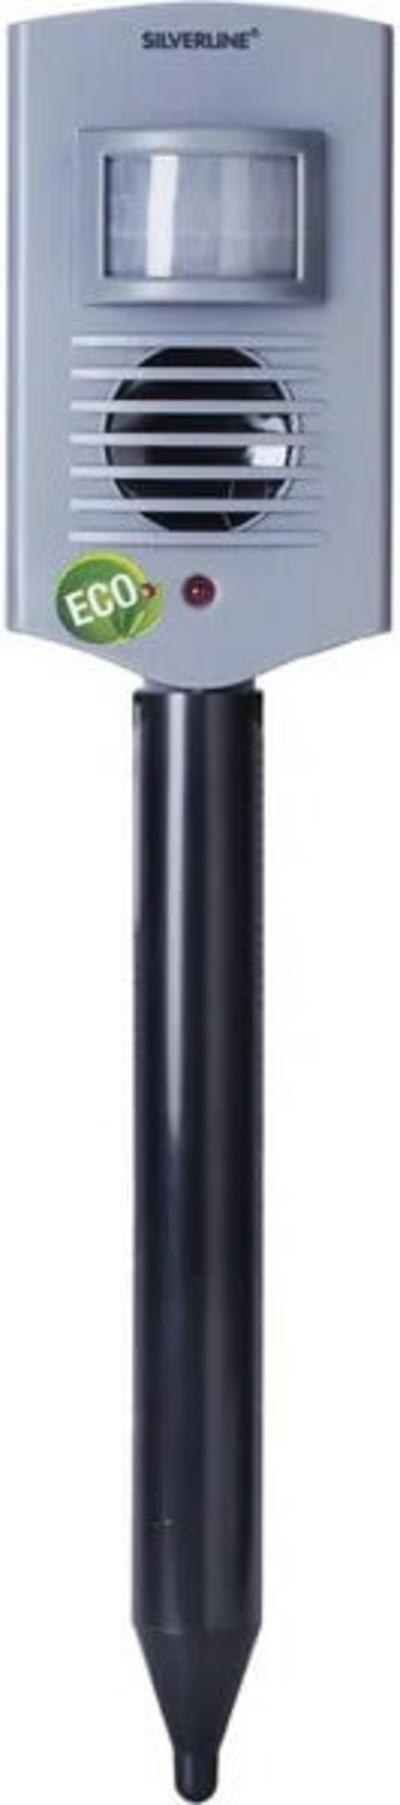 Näädän elektroninen karkotin MA200, Silverline